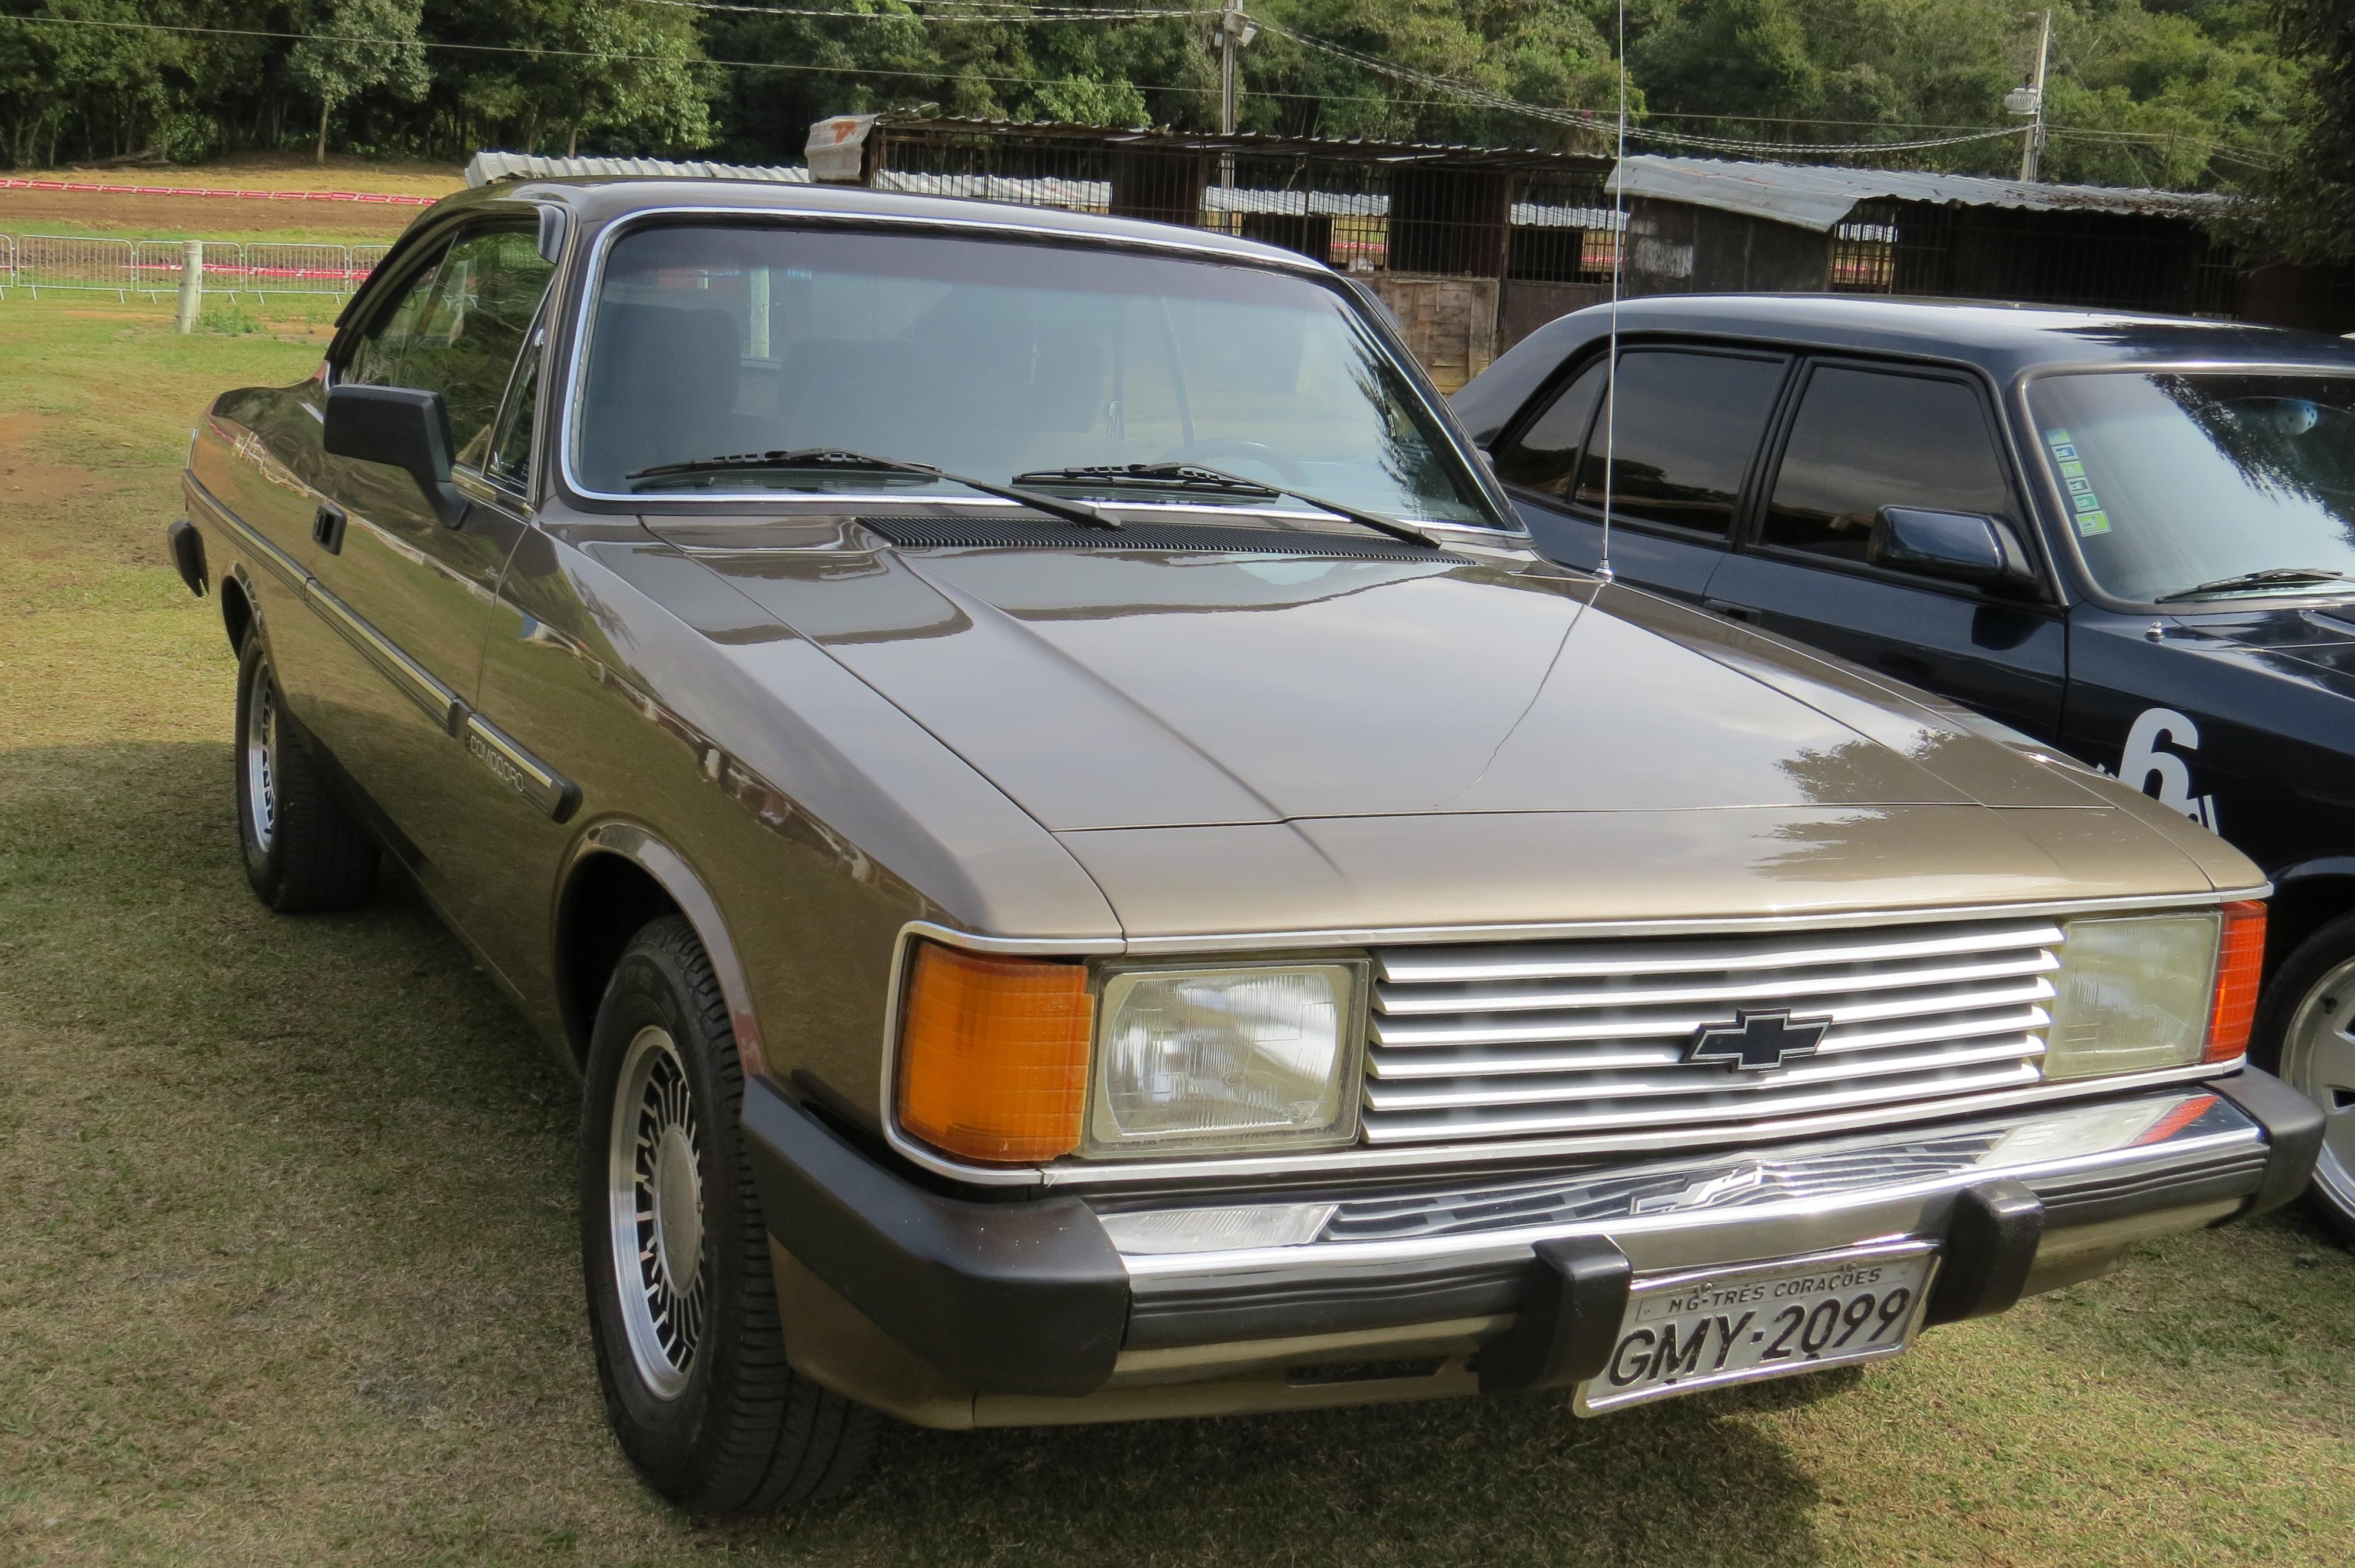 IMG 4896 - 3º Grande Encontro dos Carros Antigos do Sul de Minas